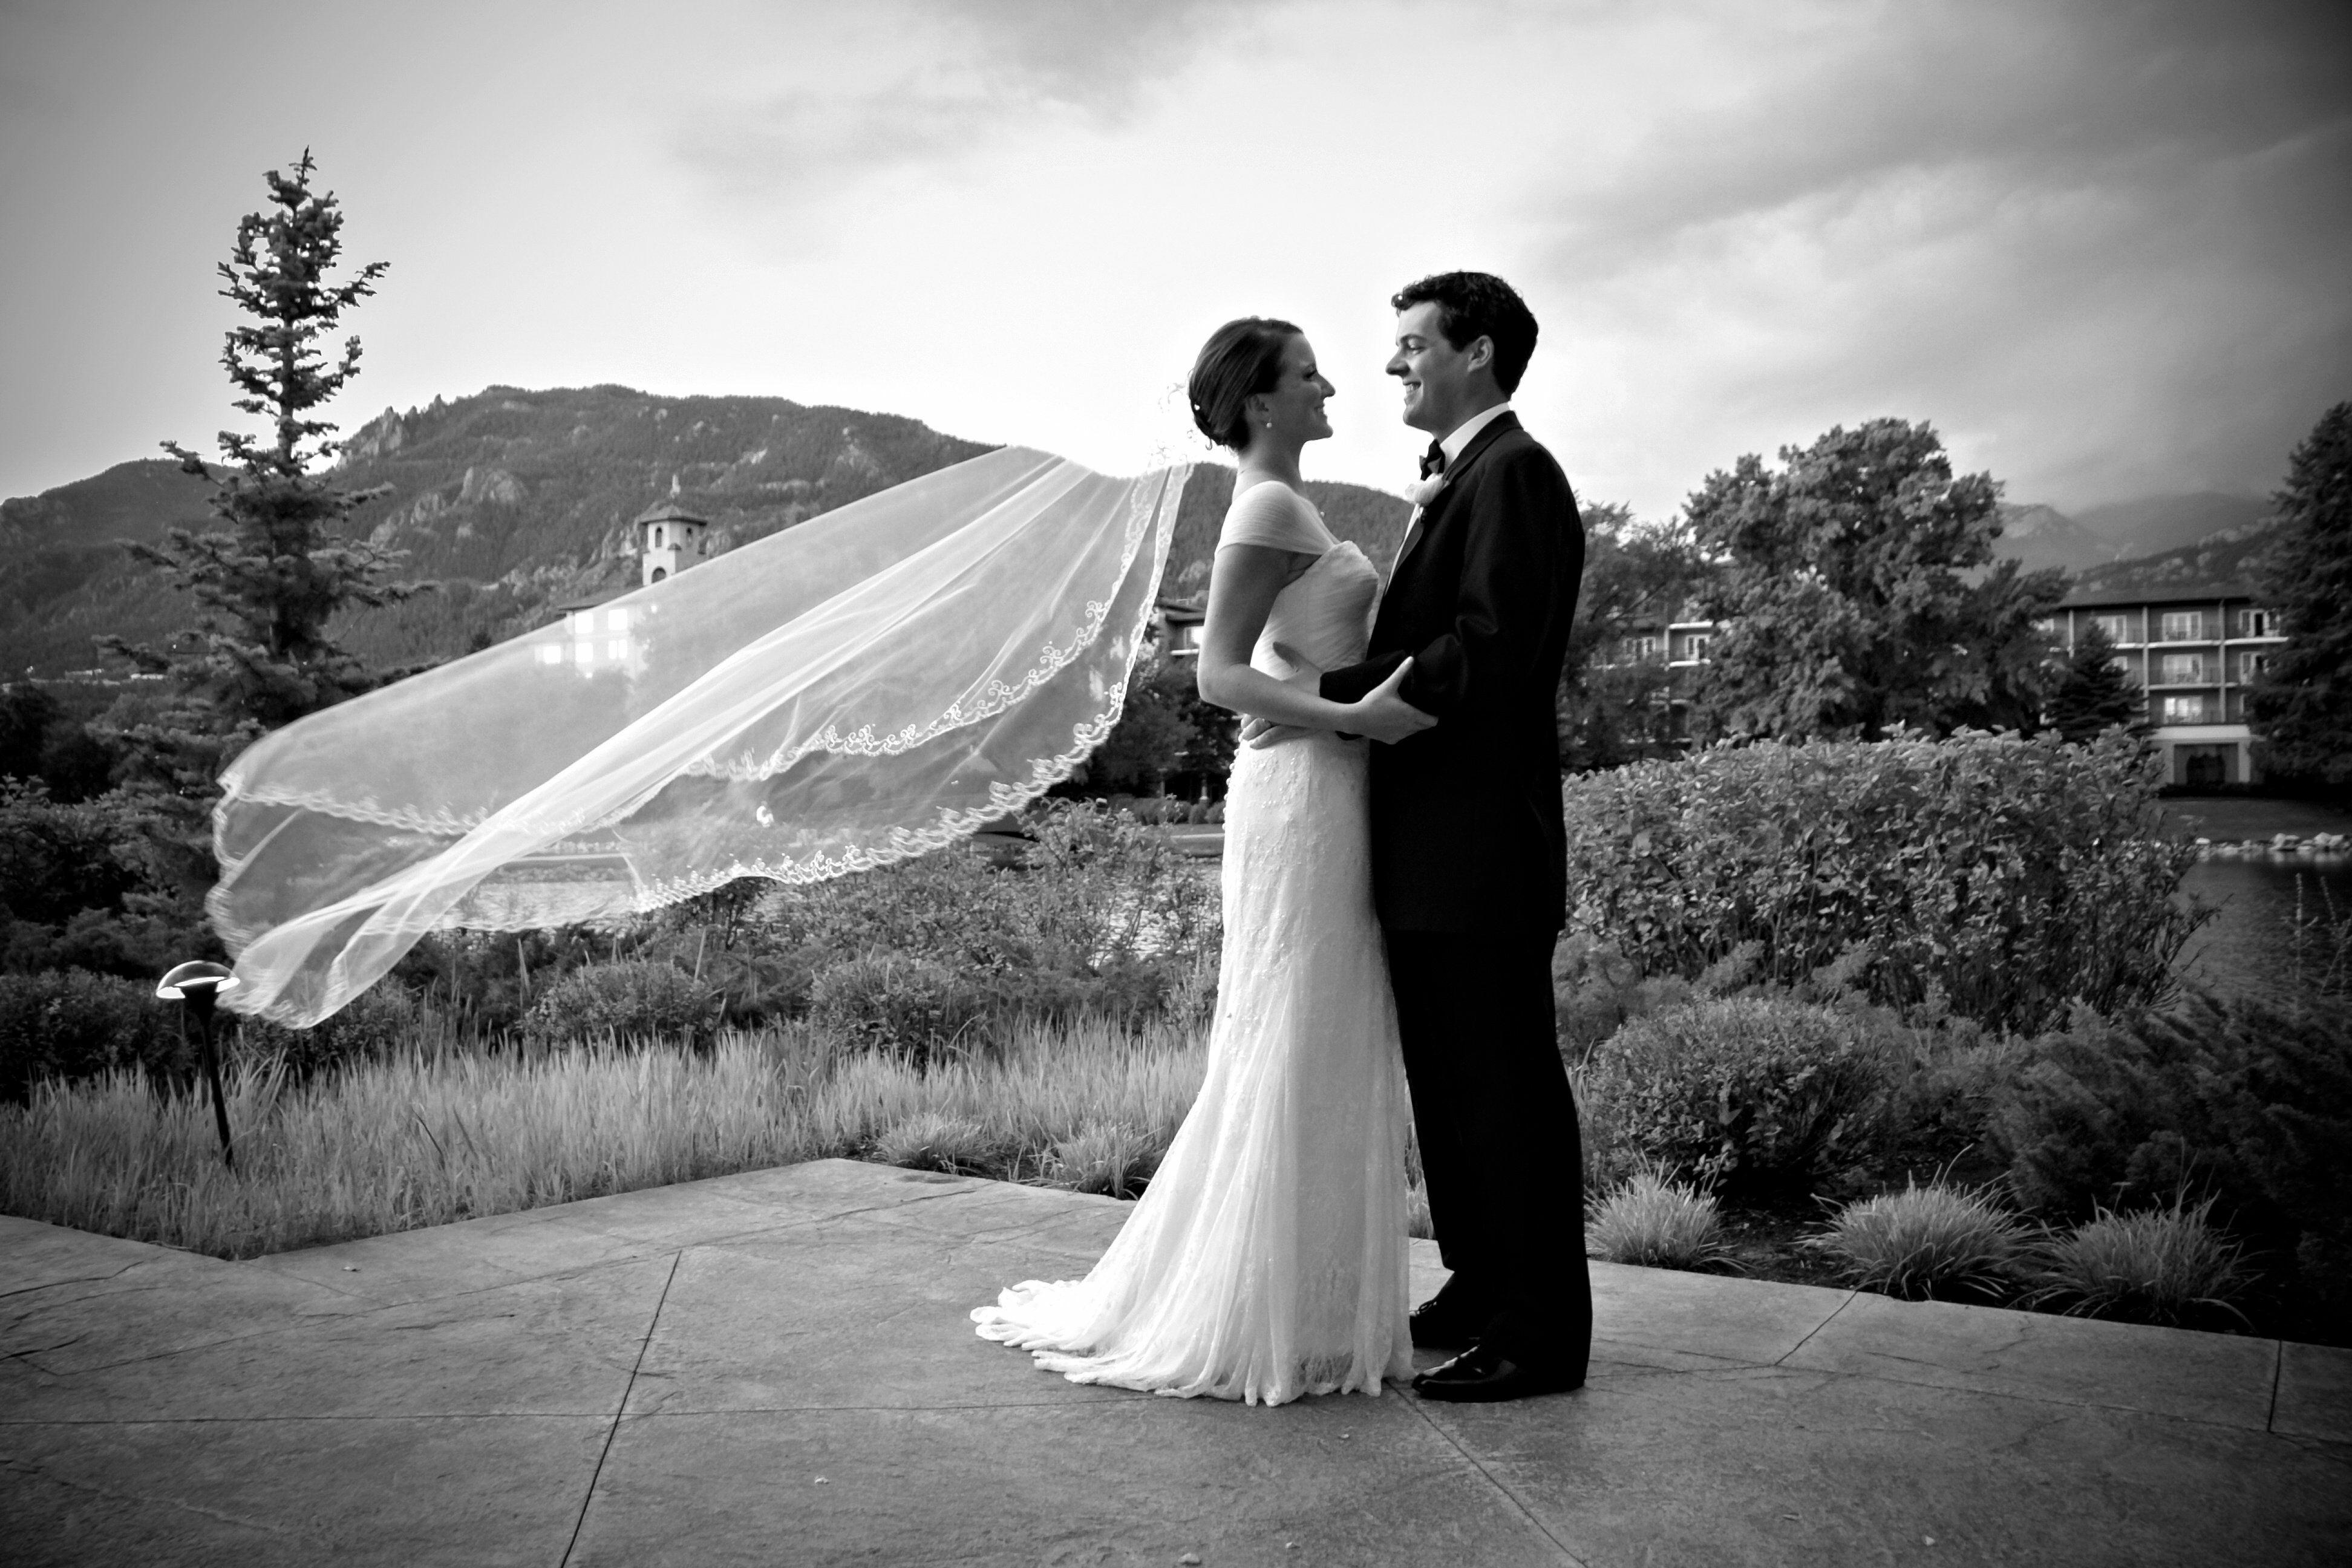 A Broadmoor Wedding In Colorado Springs Colorado